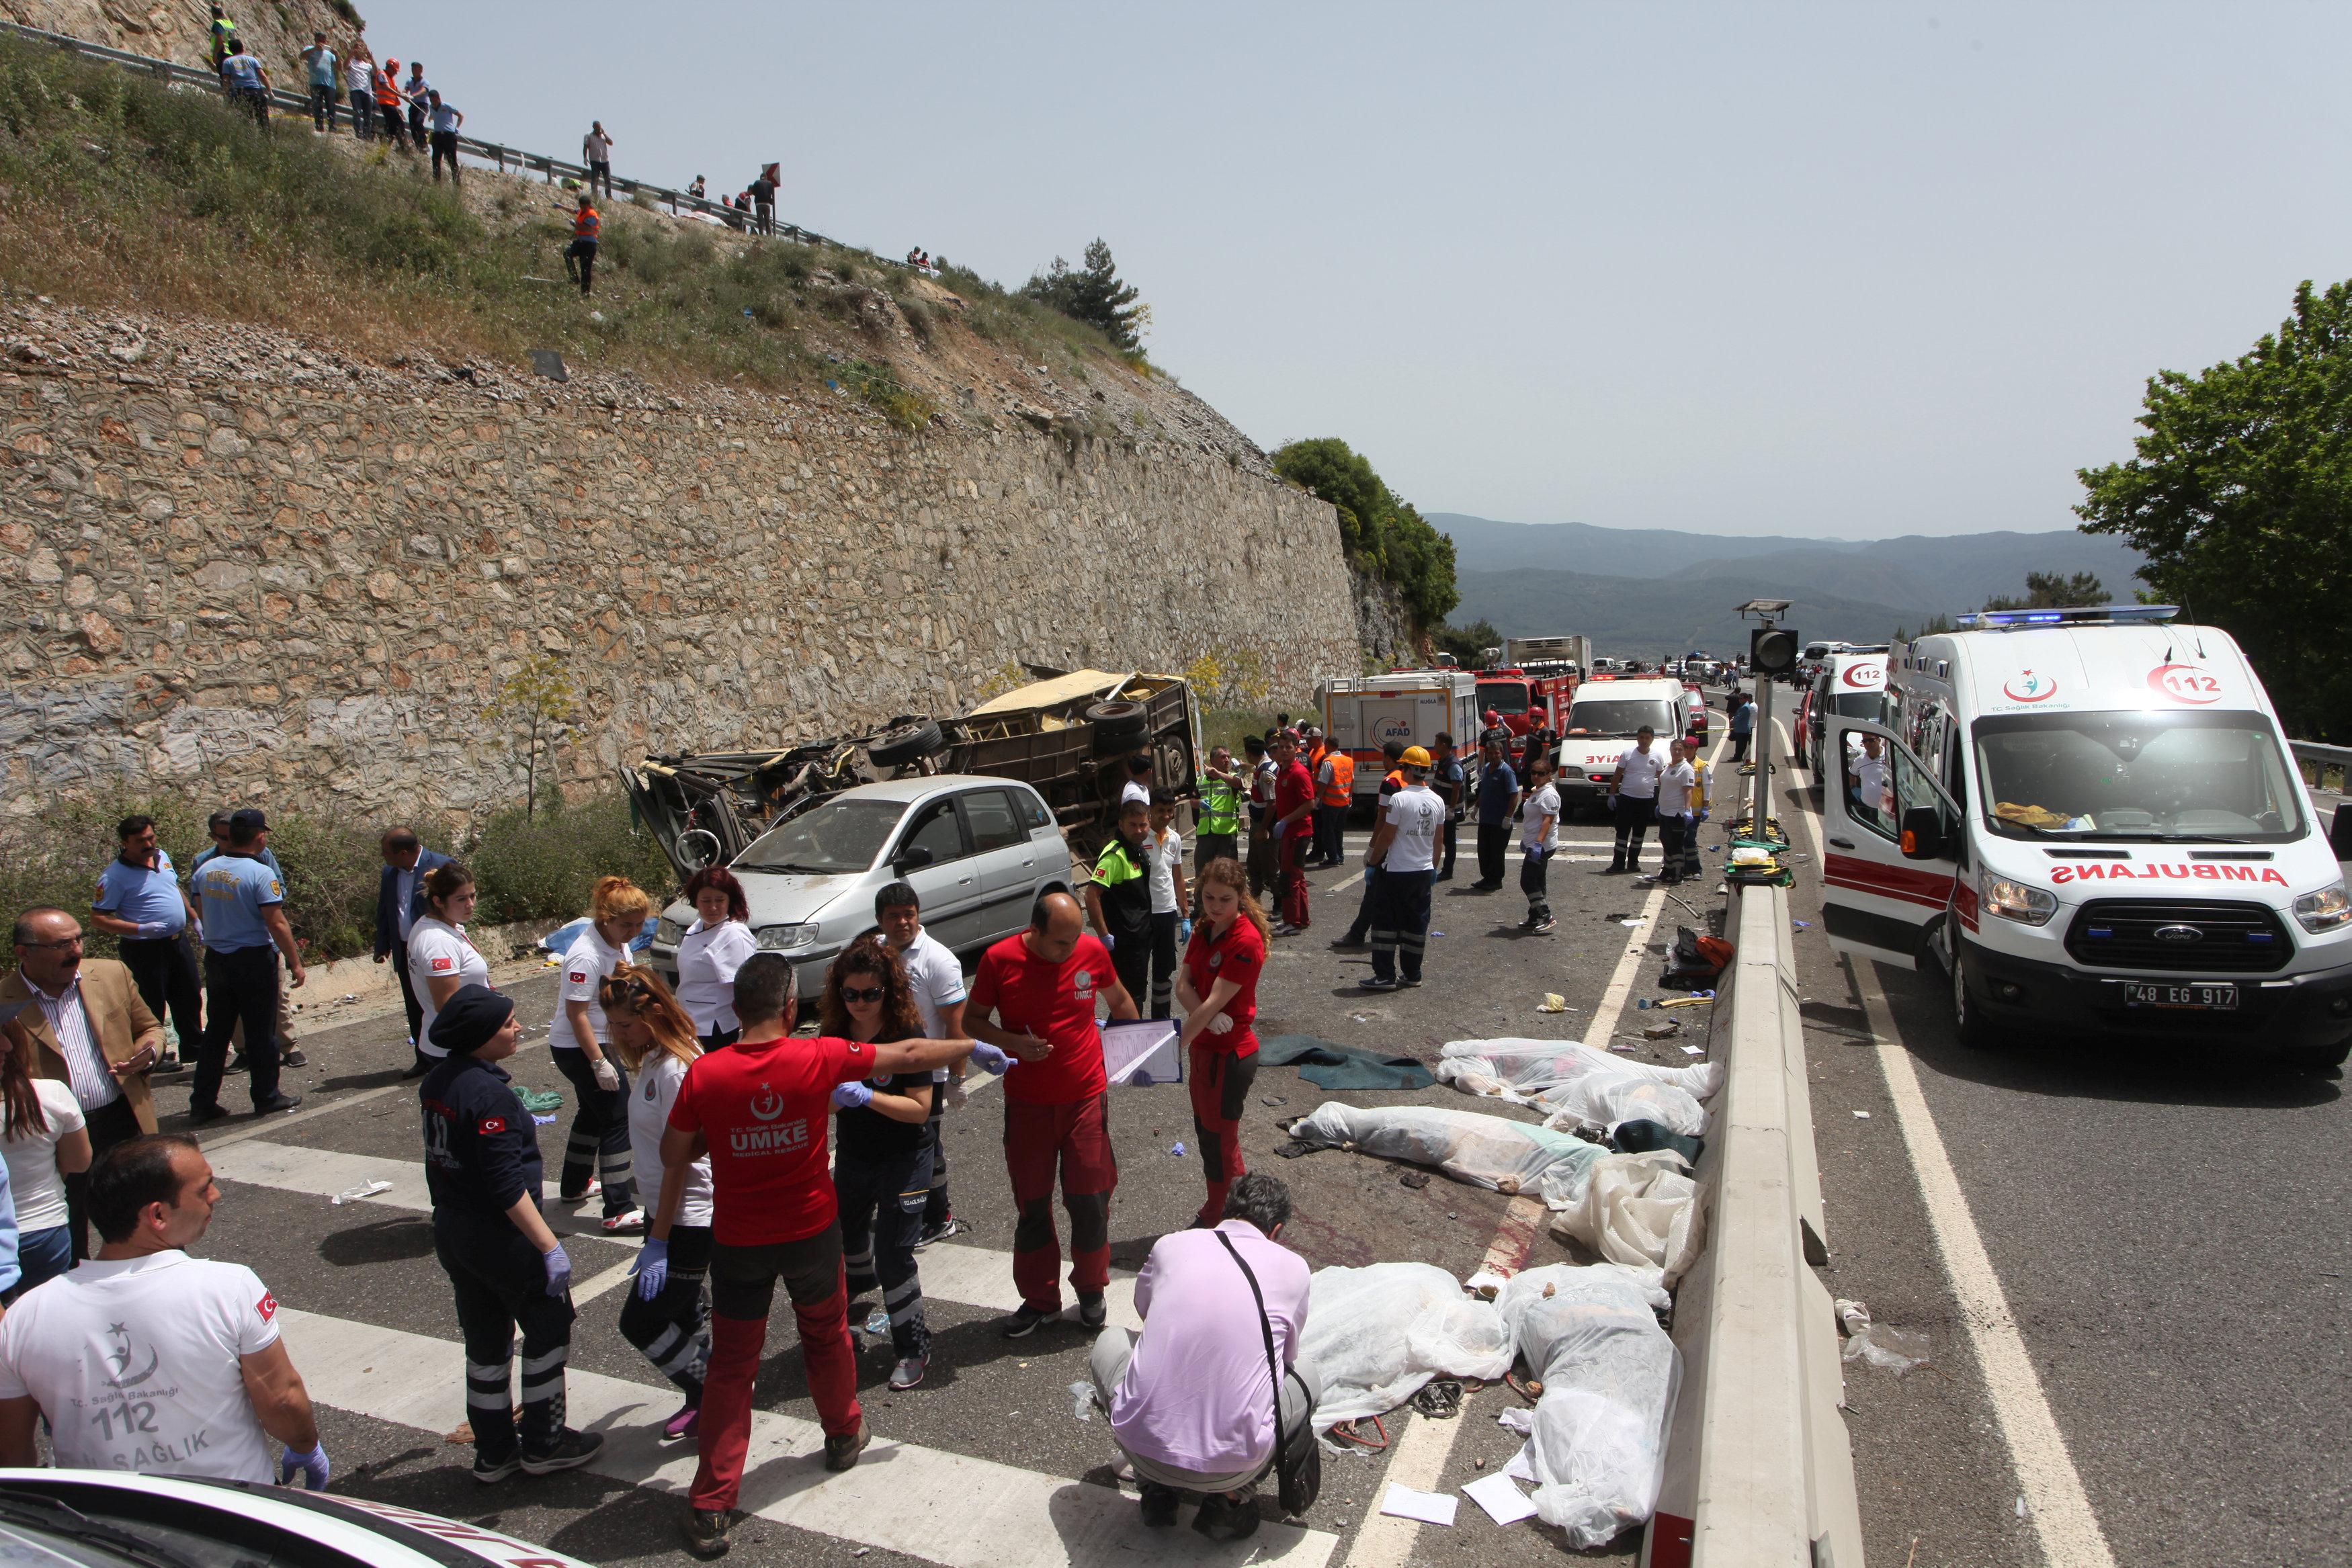 العالم الان . ارتفاع ضحايا انقلاب حافلة سياحية بتركيا لـ23 قتيلا